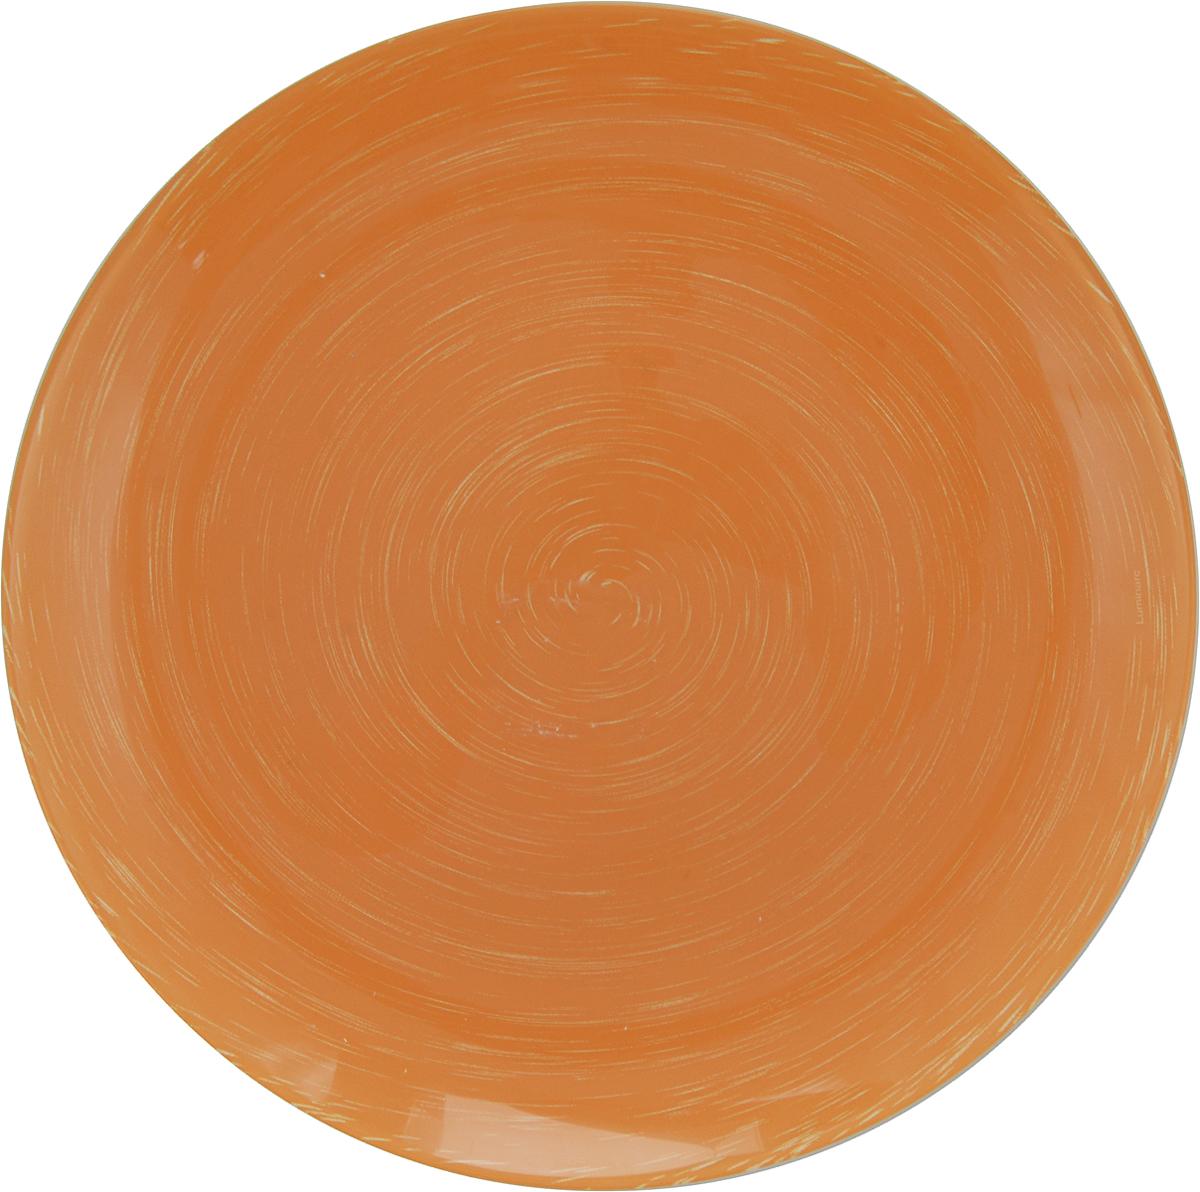 Тарелка обеденная Luminarc Stonemania Orange, диаметр 25 смH3556Обеденная тарелка Luminarc Stonemania Orange изготовлена из высококачественного стекла. Изделие сочетает в себе изысканный дизайн с максимальной функциональностью. Тарелка прекрасно впишется в интерьер вашей кухни и станет достойным дополнением к кухонному инвентарю. Такое изделие не только украсит ваш кухонный стол и подчеркнет прекрасный вкус хозяйки, но и станет отличным подарком. Диаметр тарелки: 25 см. Высота тарелки: 2 см.